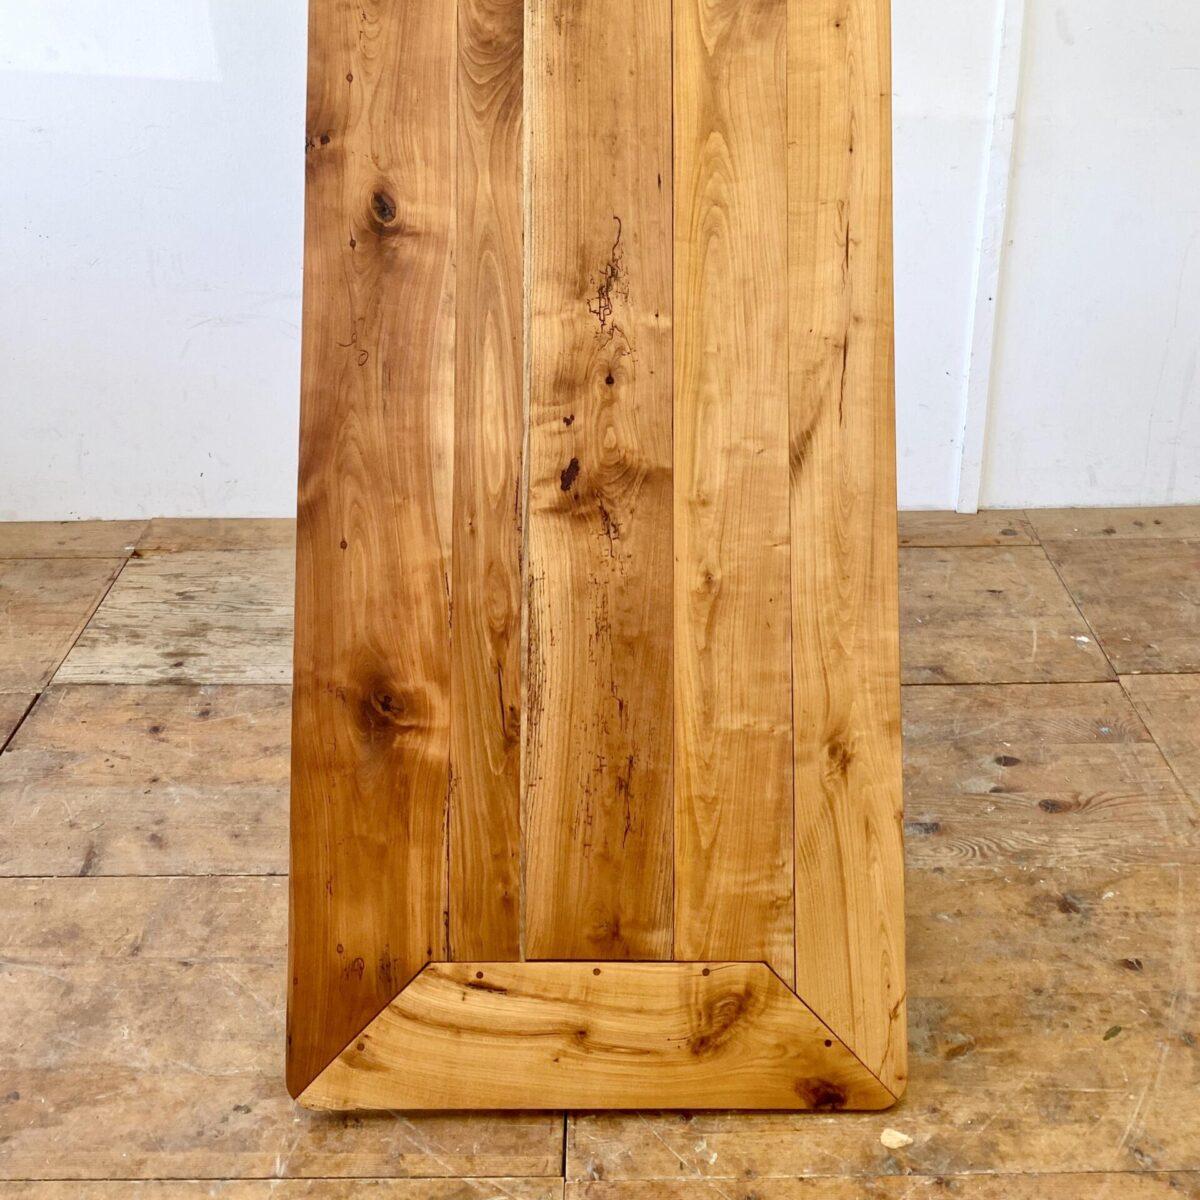 Deuxieme.shop antiker horgenglarus Tisch designklassiker. Alter Kirschbaum Beizentisch. 190x78cm Höhe 76cm. Diverse Risse leicht offene Fugen aber alles in Zustand. Intensive rötliche Alterspatina, Holzoberfläche mit Naturöl behandelt. Verschiedene Horgenglarus Gussfüsse wählbar.